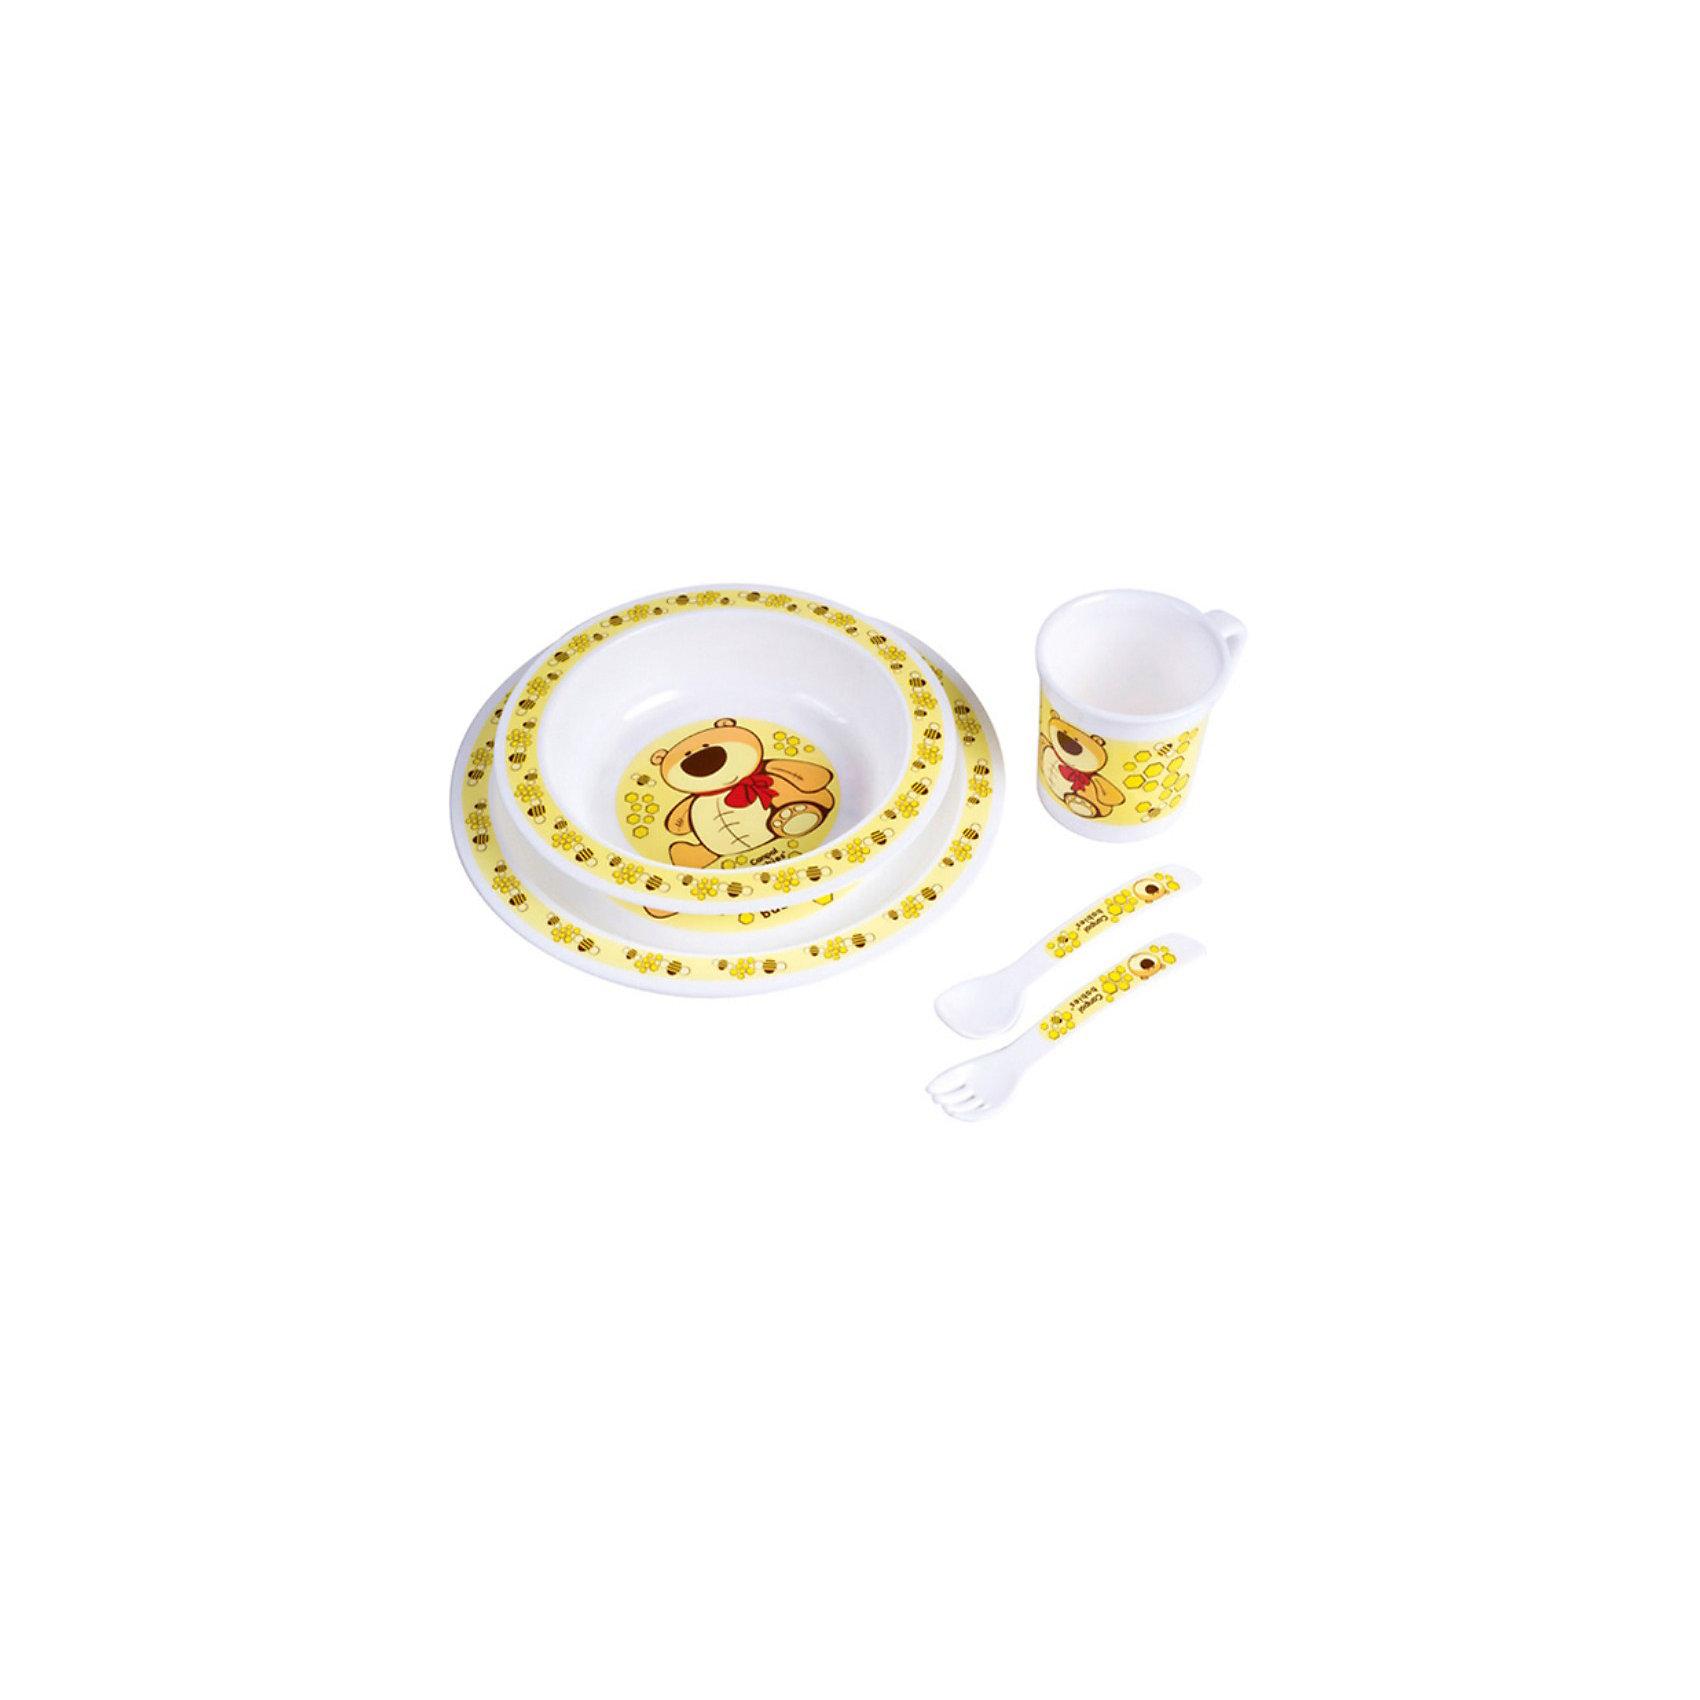 Набор посуды, Canpol, жёлтыйНабор посуды, Canpol Babies замечательно подходит для малышей, которые начинают есть самостоятельно. Посуду можно использовать как дома, так и для пикников и обедов на открытом воздухе. В состав набора входят миска, тарелка, чашка, ложка и вилка. Все предметы имеют безопасные закругленные края и украшены забавными изображениями зверушек.<br>Эта практичная посуда подходит для СВЧ-печи, ее можно мыть в посудомоечной машине.<br>Дополнительная информация:<br>- в комплекте: миска, тарелка, чашка, ложка и вилка;<br>- материал: пластик;<br>- объем миски: 270 мл.;<br>- объем чашки: 170 мл.;<br>- размер упаковки: 22 х 22 х 7,5 см.;<br>- вес: 0,3 кг.<br>Набор посуды Canpol Babies можно купить в нашем интернет-магазине.<br><br>Ширина мм: 220<br>Глубина мм: 220<br>Высота мм: 75<br>Вес г: 234<br>Возраст от месяцев: 9<br>Возраст до месяцев: 36<br>Пол: Унисекс<br>Возраст: Детский<br>SKU: 3837147